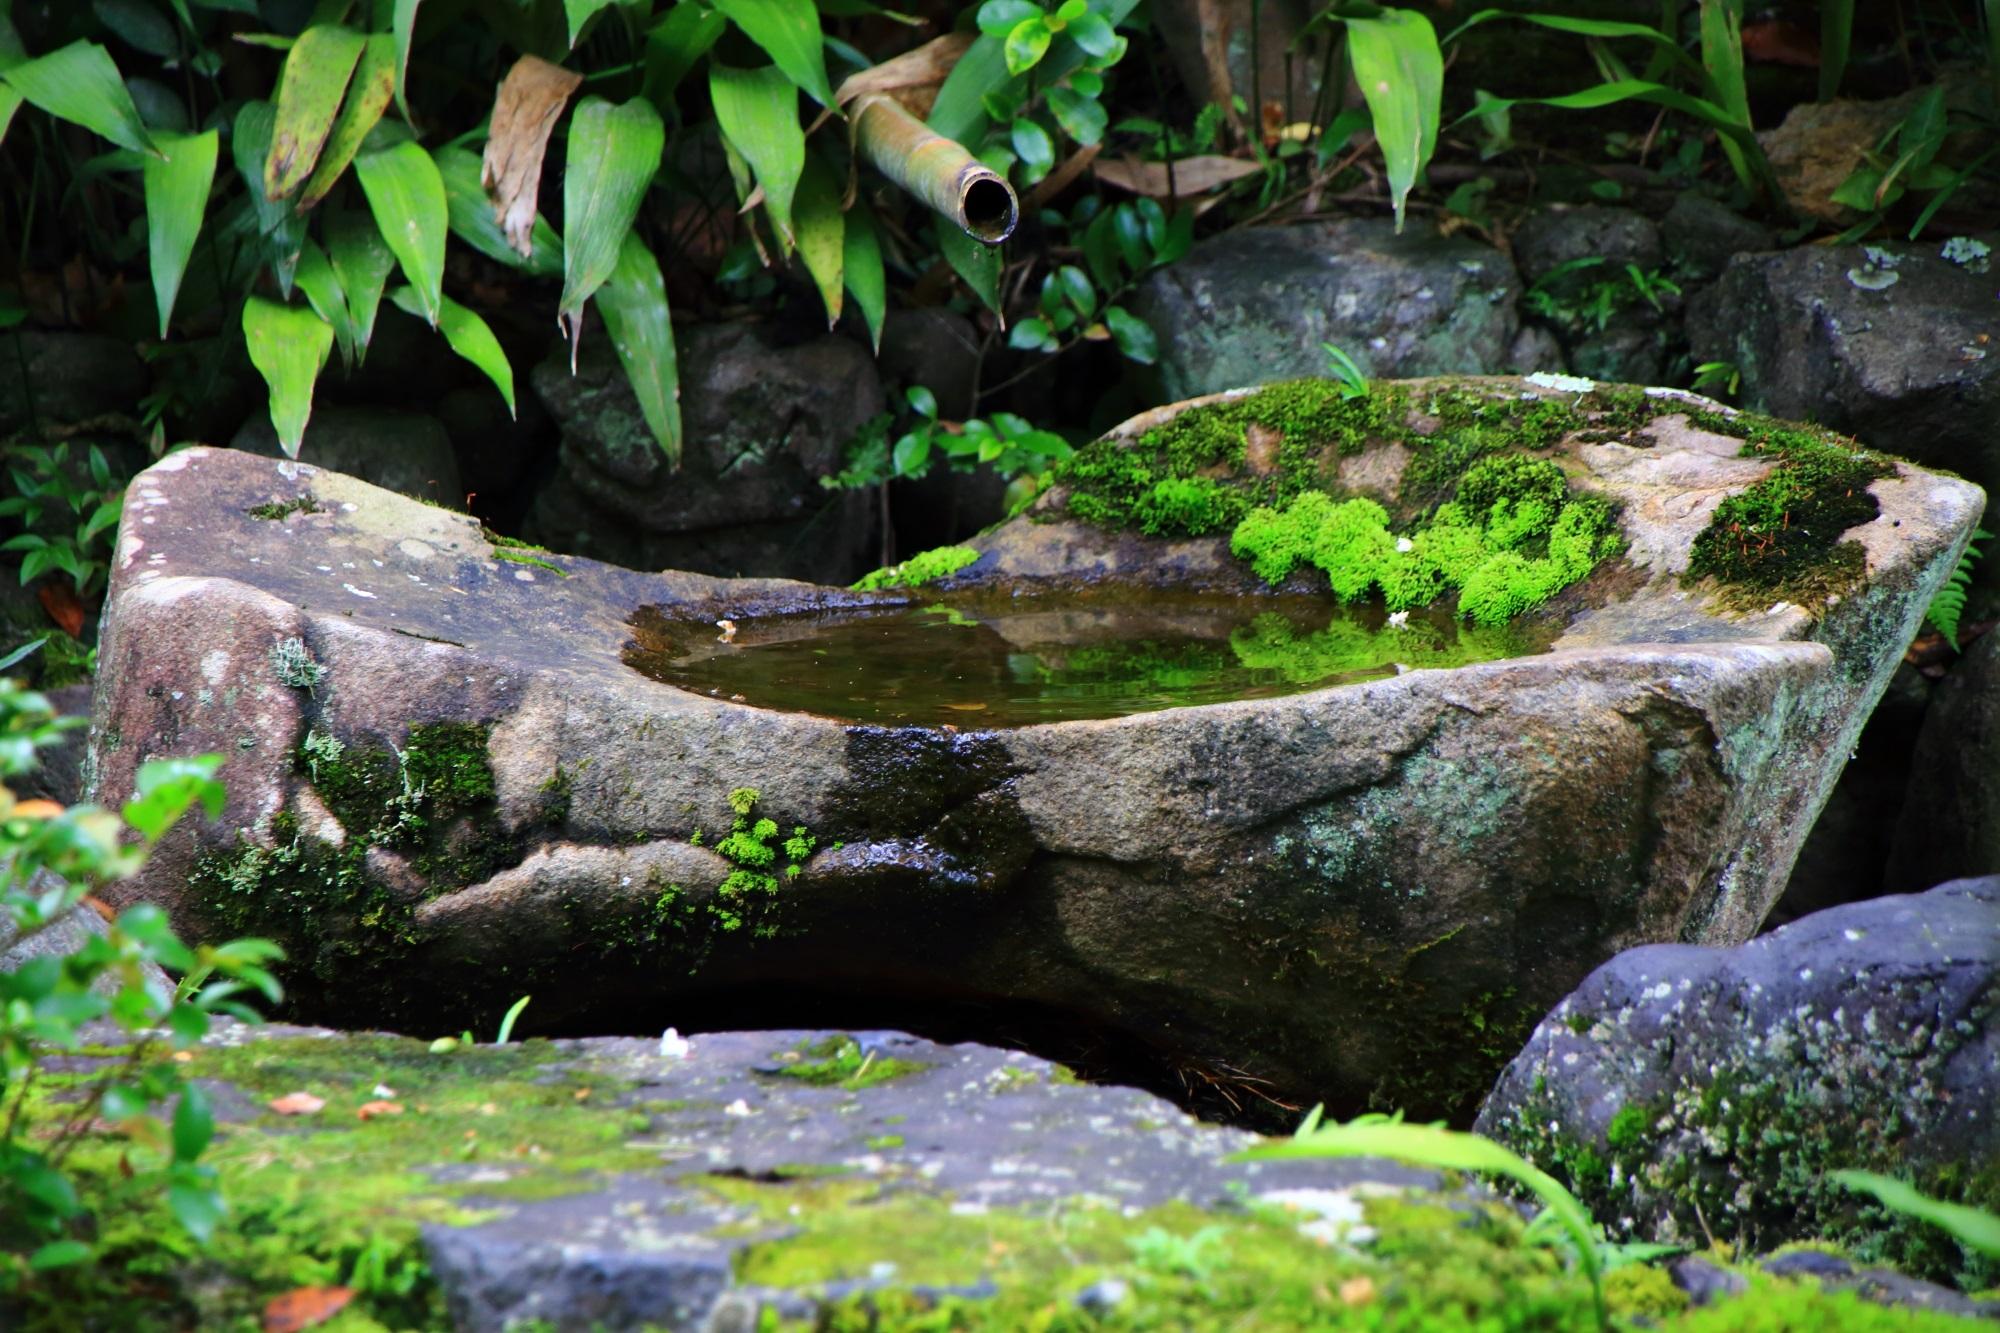 南禅寺大寧軒の手水鉢と苔